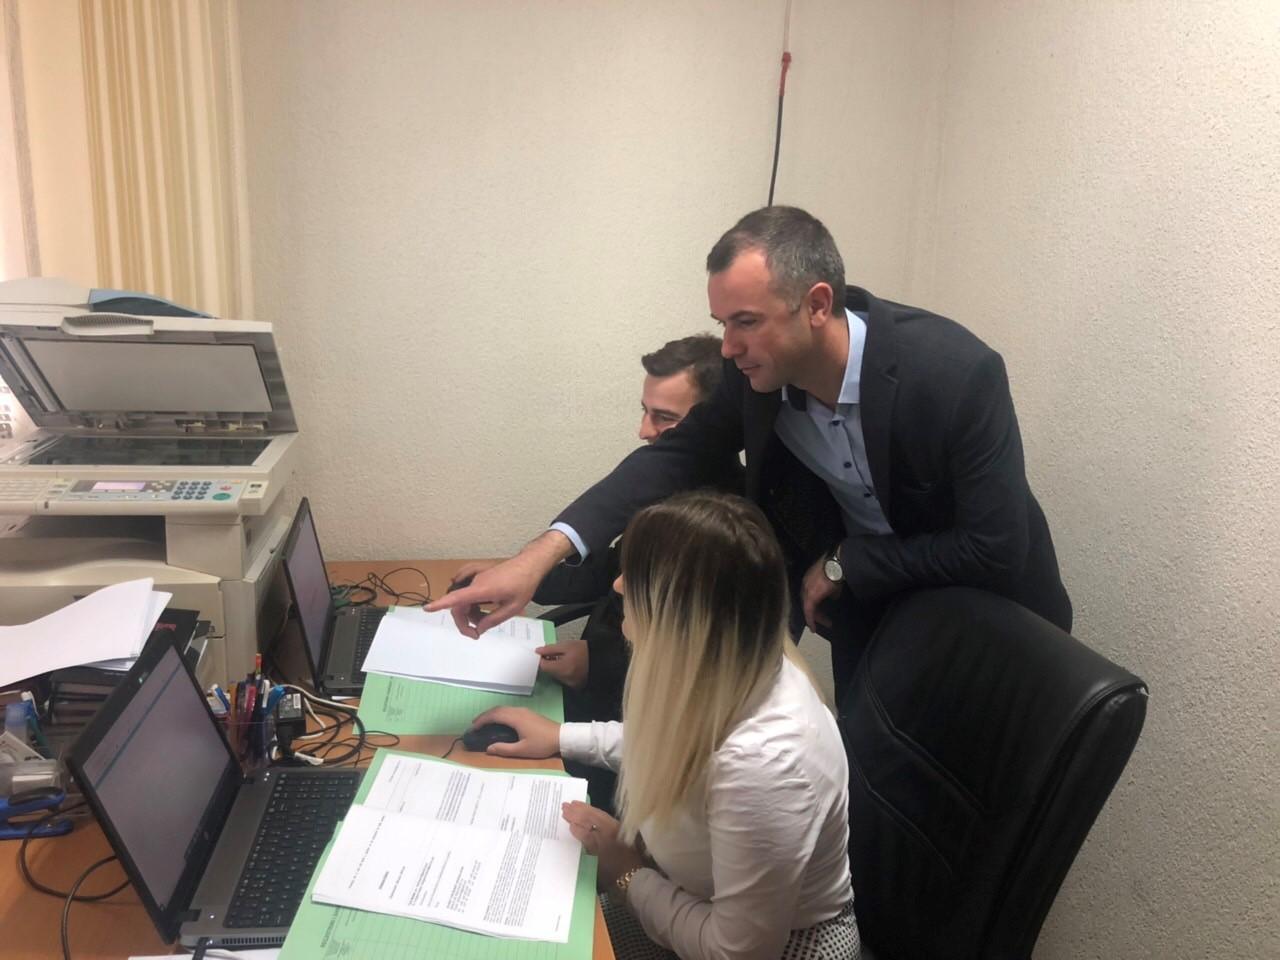 Përmbyllet me sukses regjistrimi i lëndëve të vjetra civile në SMIL në Gjykatën Themelore në Gjakovë